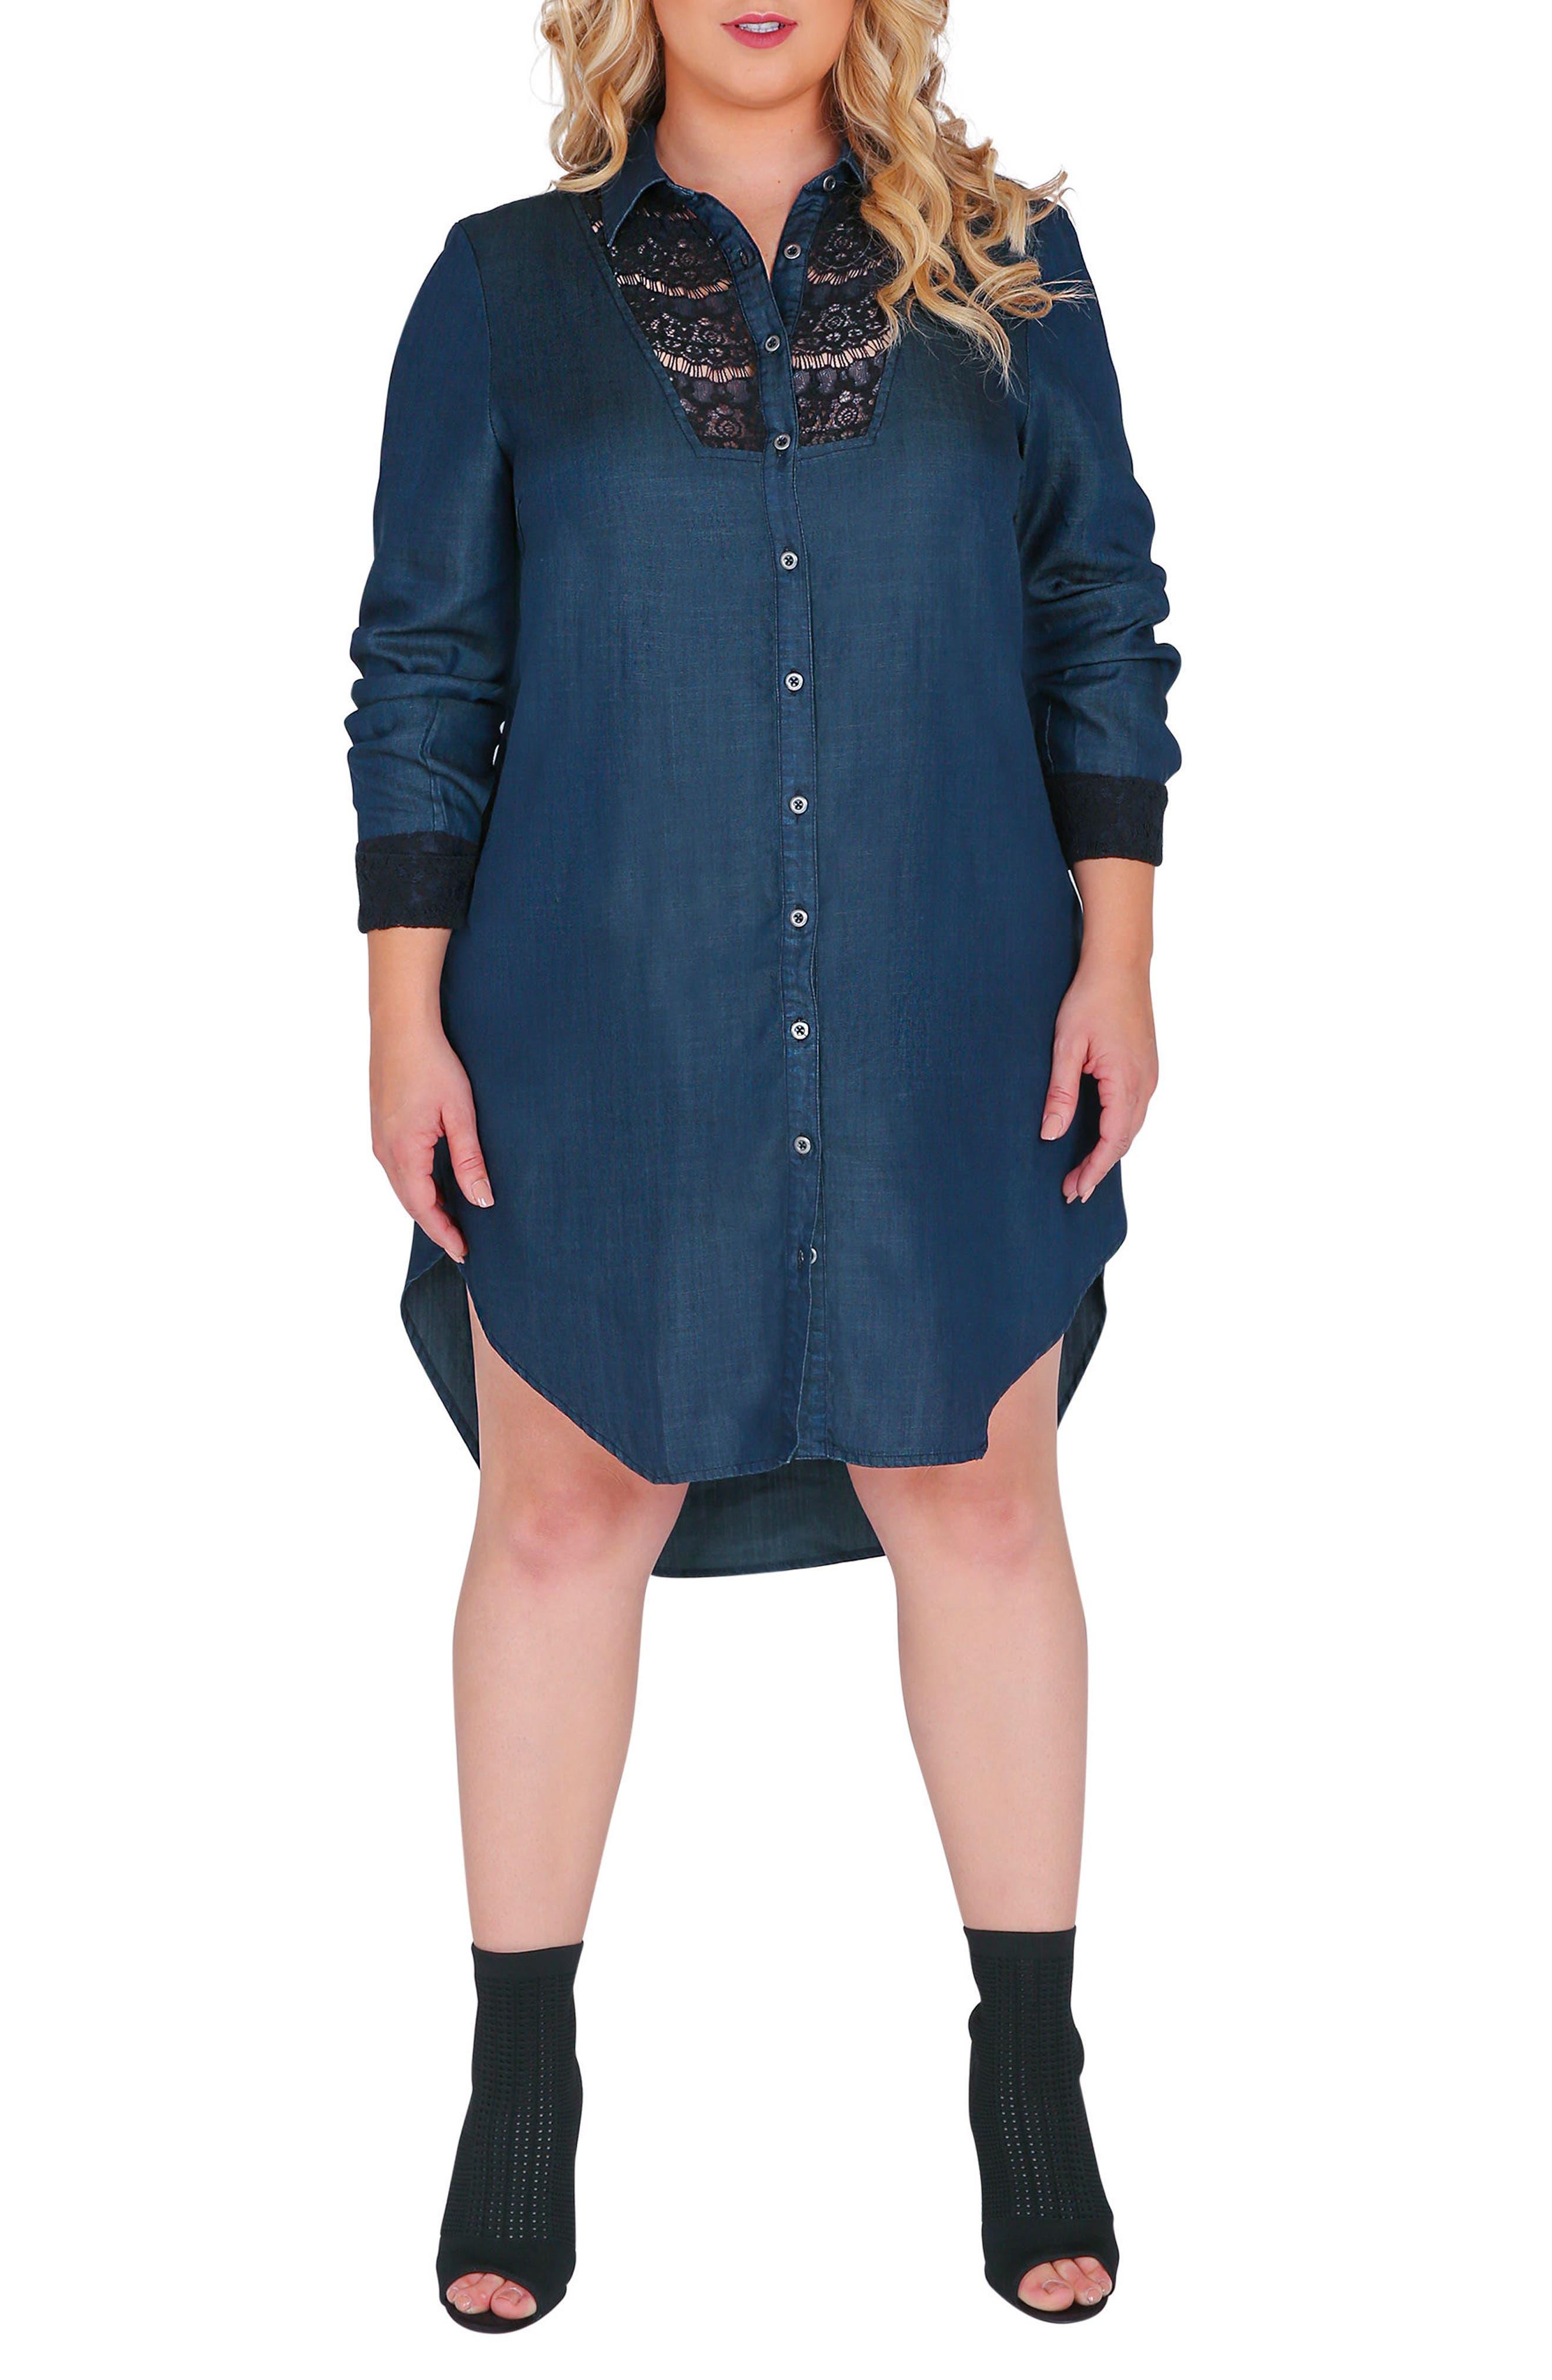 Main Image - Standards & Practices Felicity Lace Trim Denim Shirtdress (Plus Size)